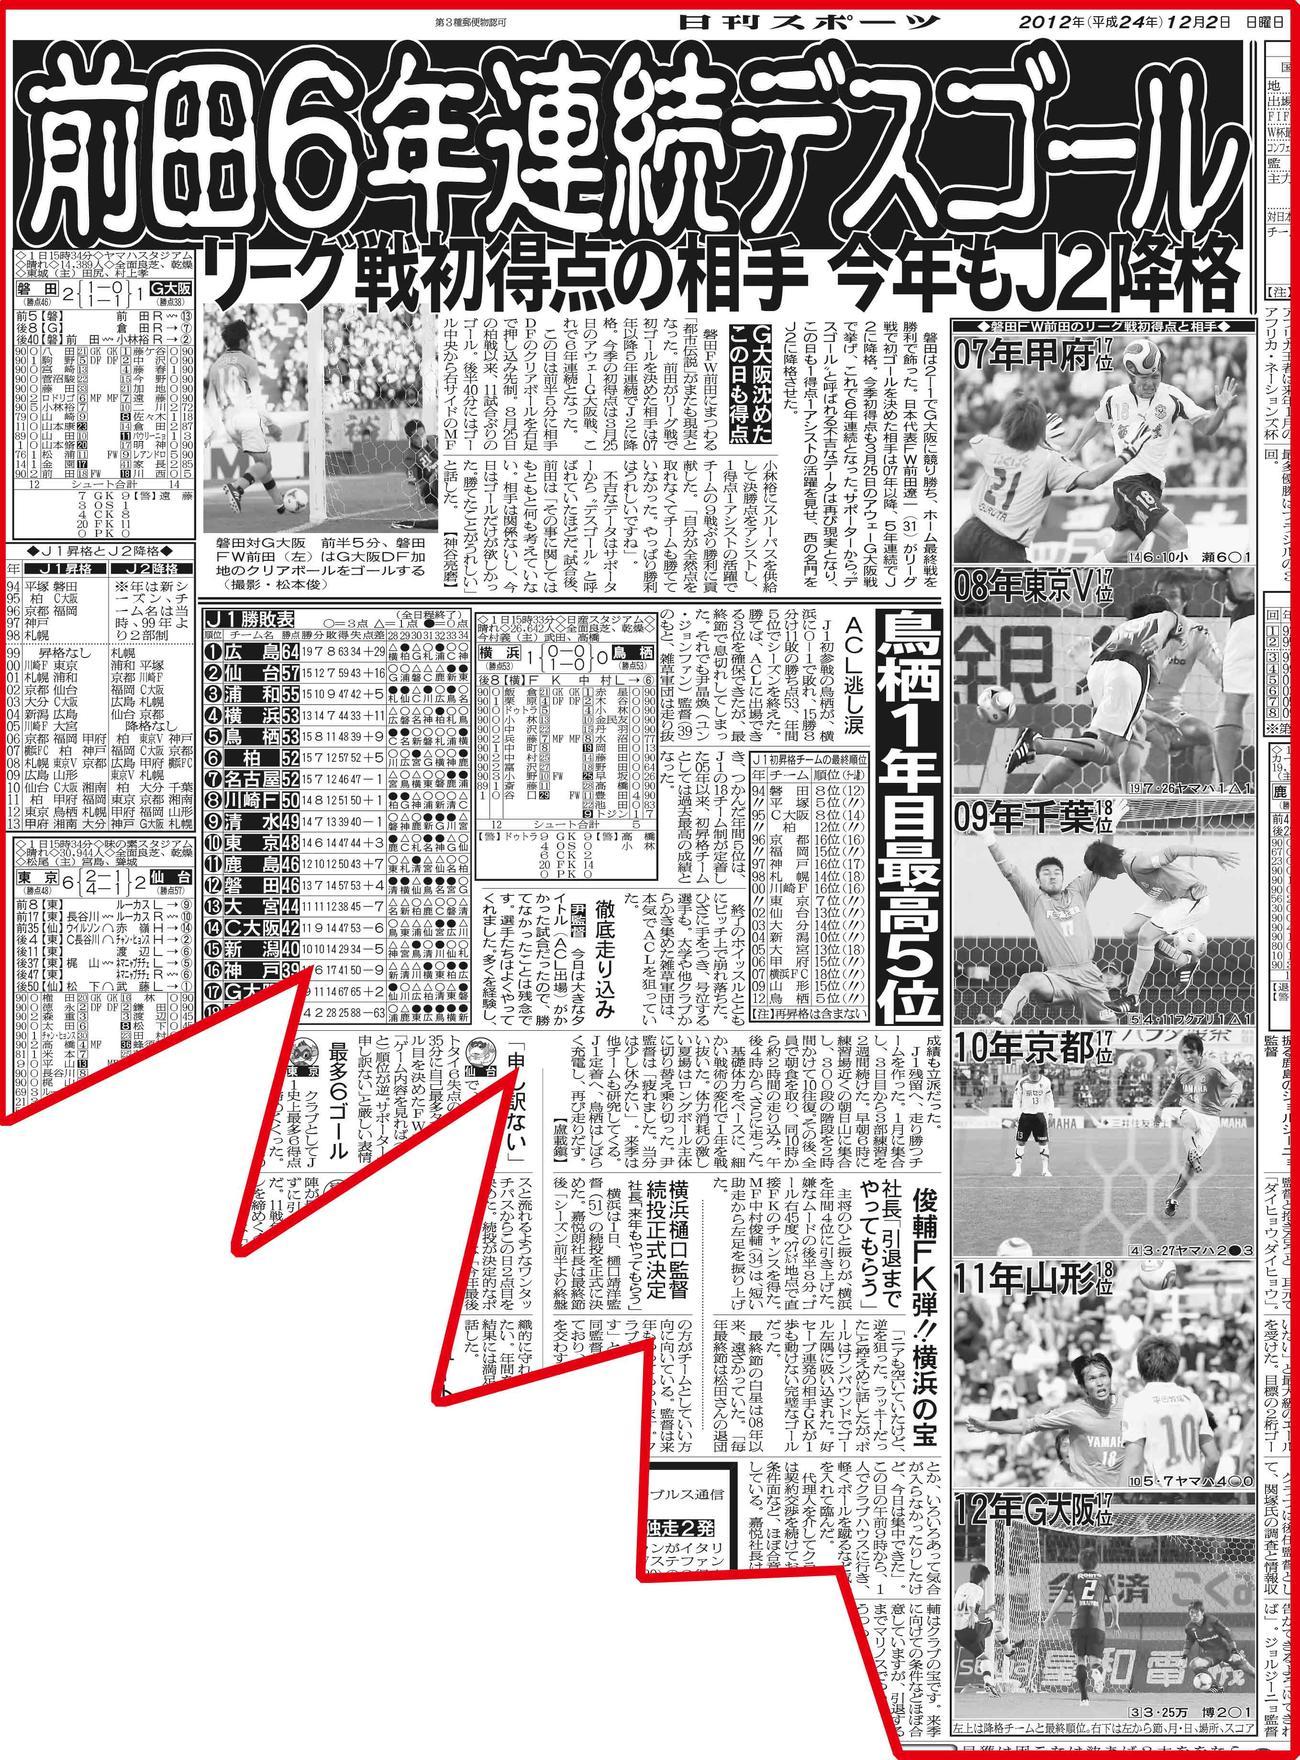 前田の6年連続デスゴールを報じる12年12月2日付の日刊スポーツ東京本社版4面